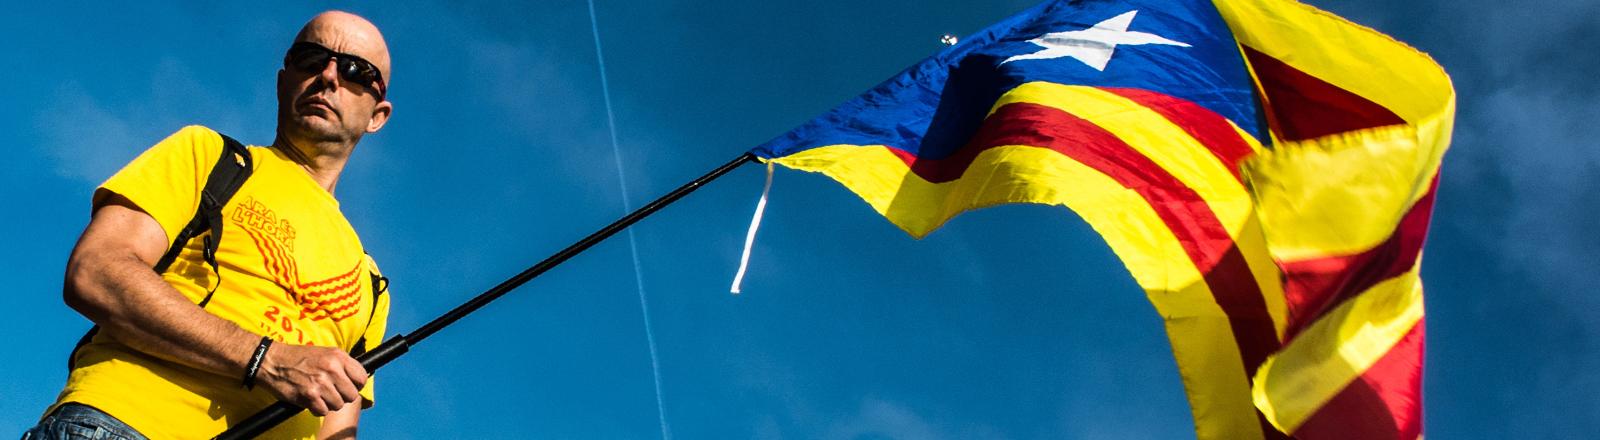 Ein Demonstrant in Spanien schwingt die katalonische Flagge.